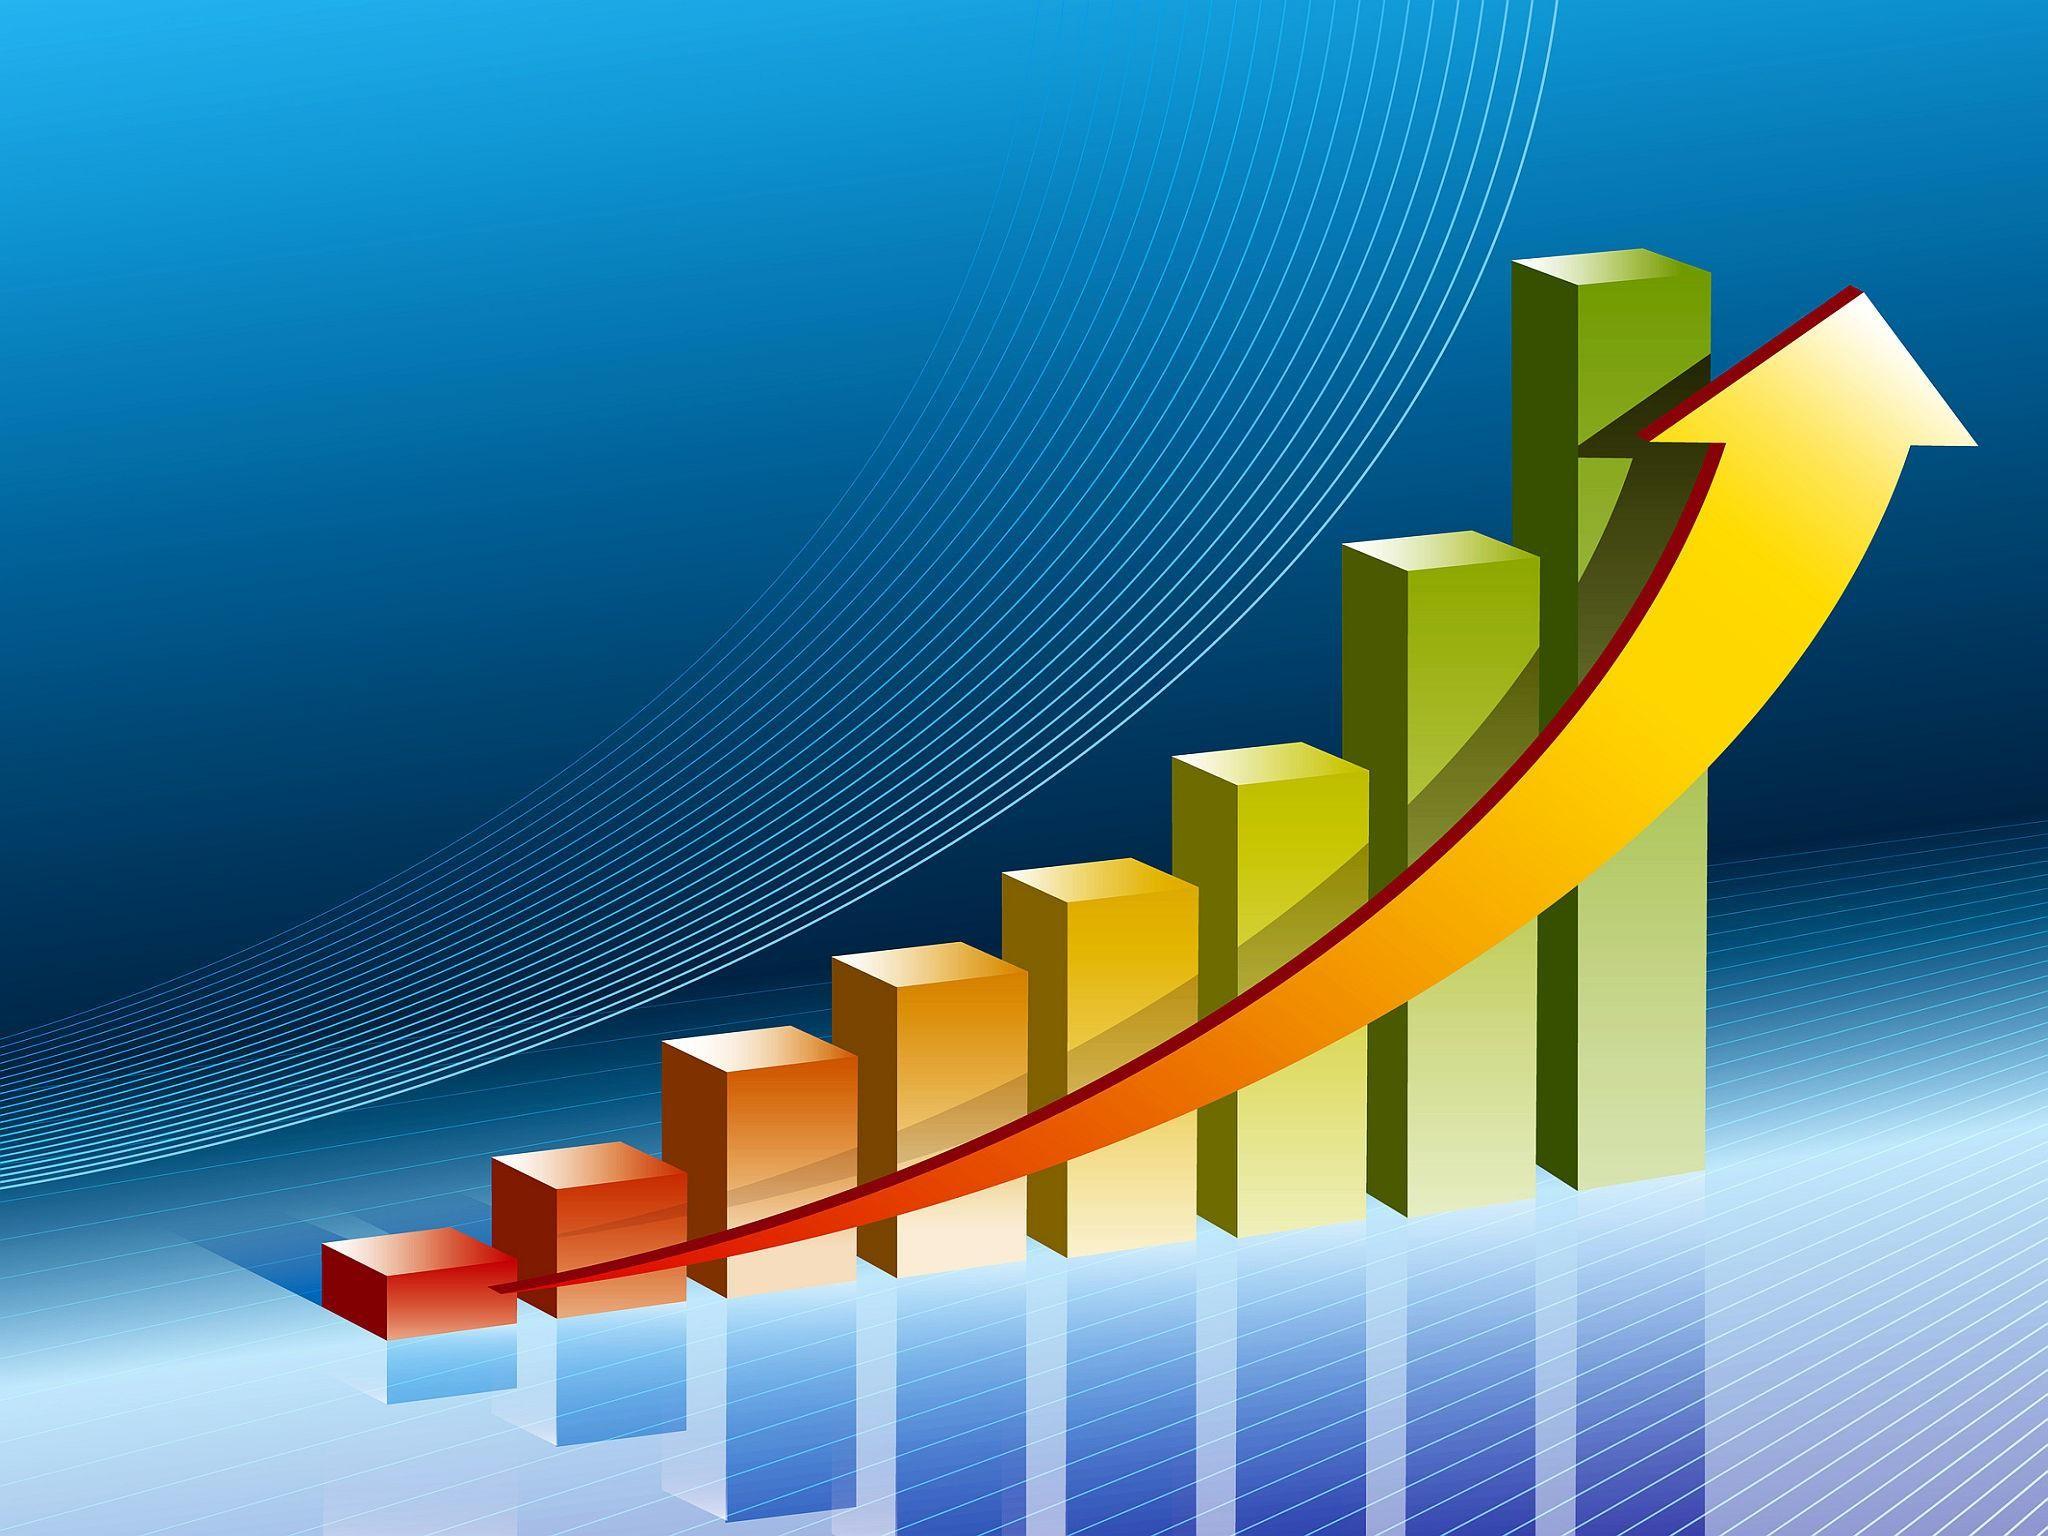 Приложения для улучшения производительности и контроля над бизнесом